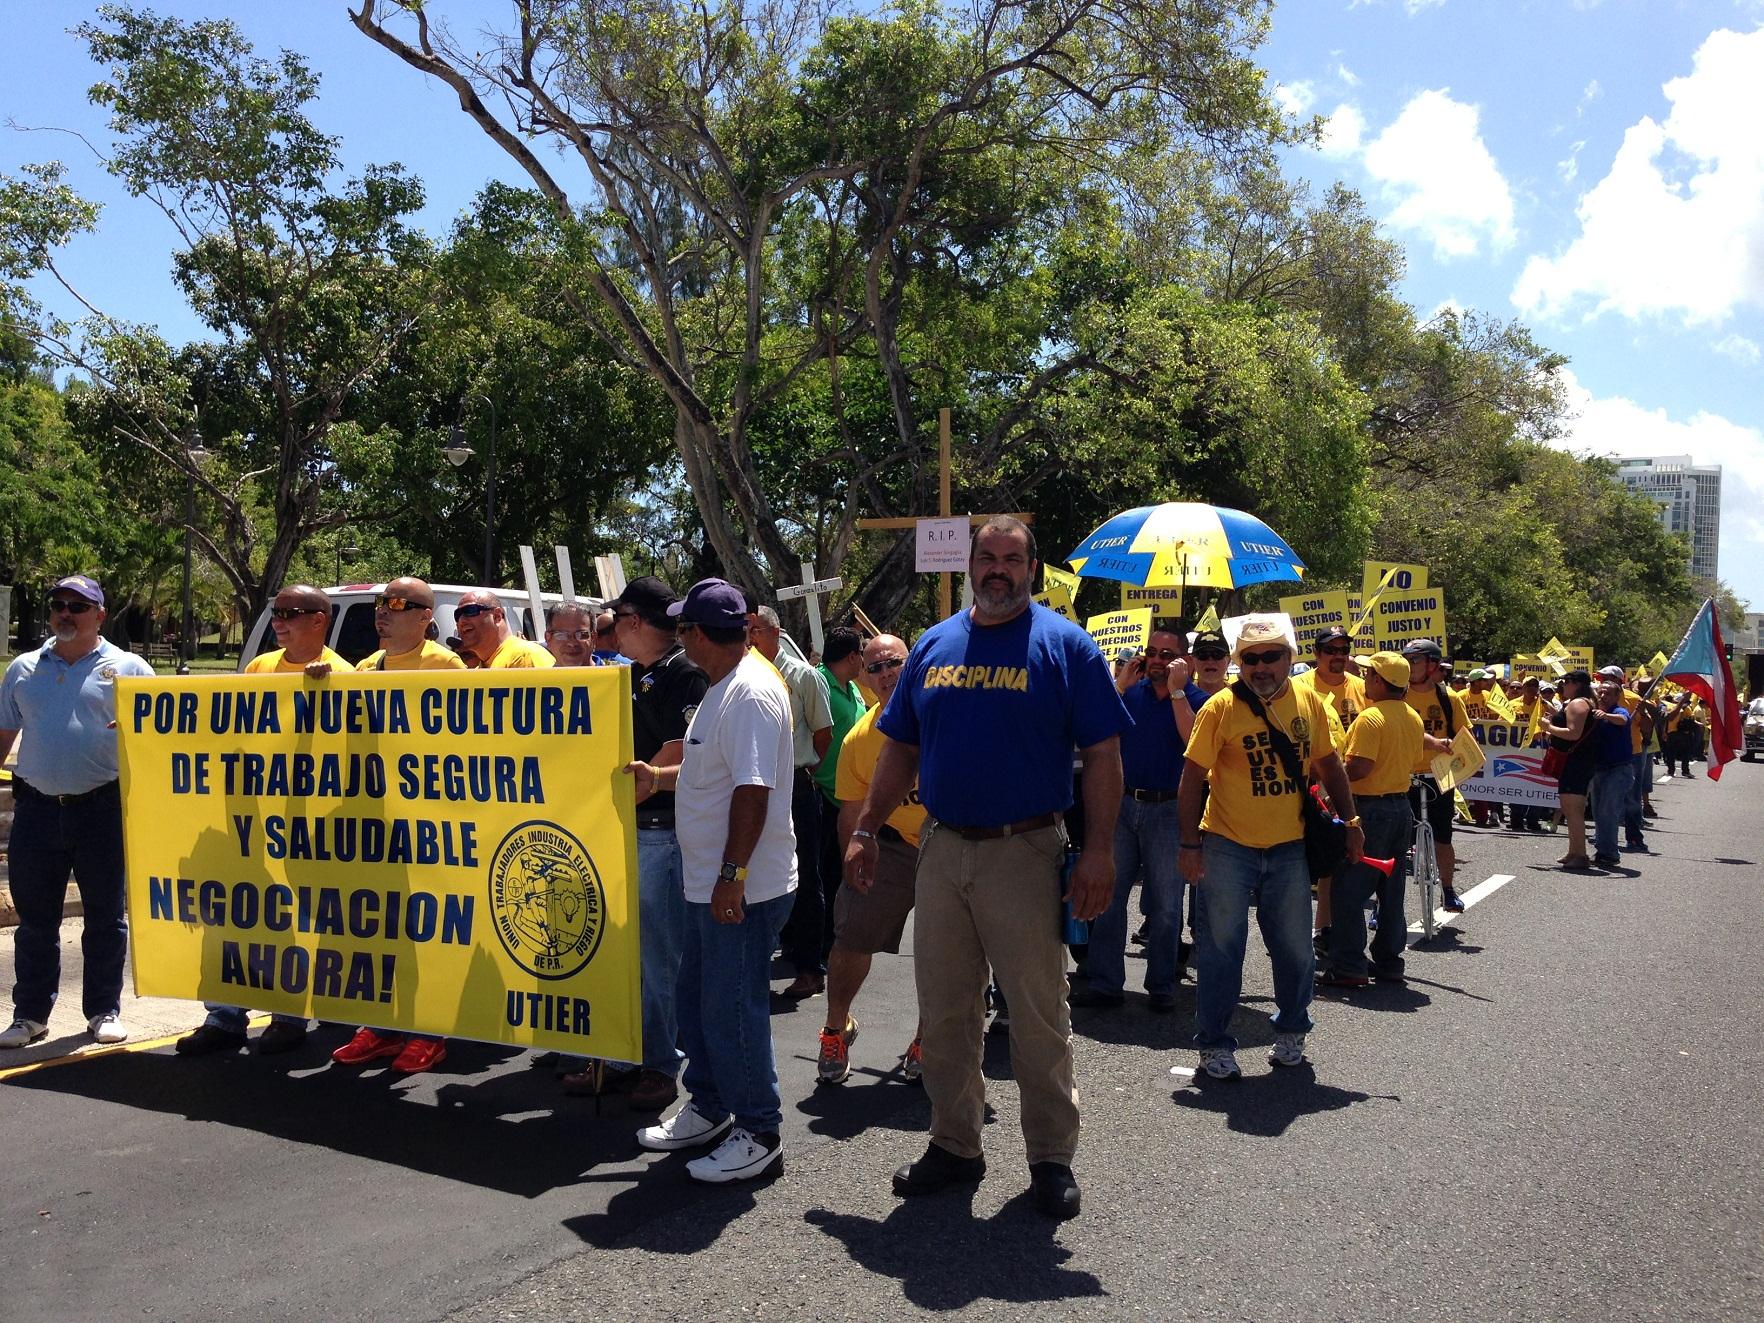 27 organizaciones sindicales en contra de la privatización